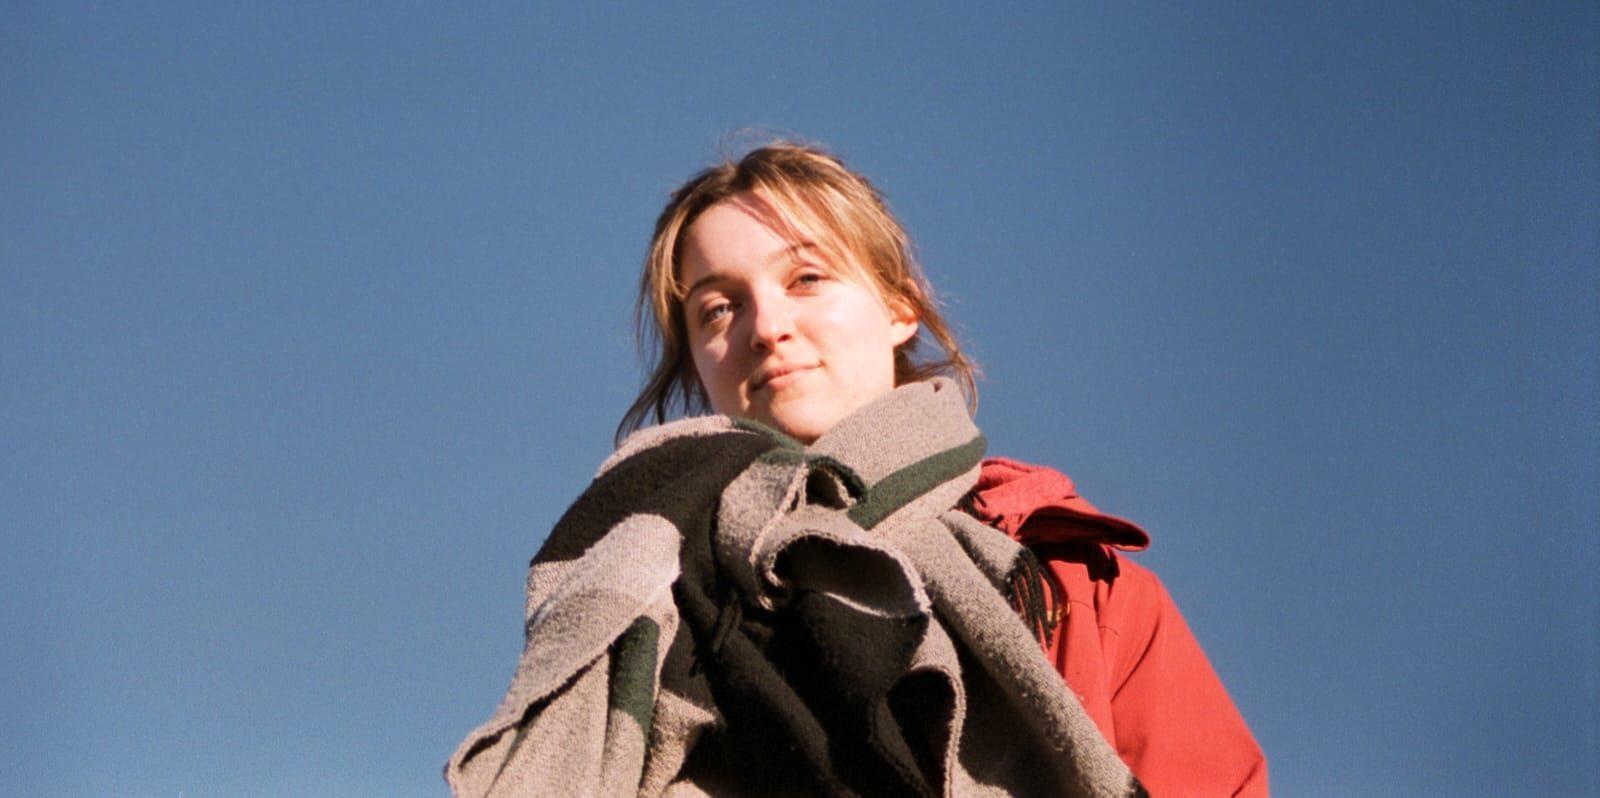 Justine (23) maakt klimaatstatement met stoepkrijt